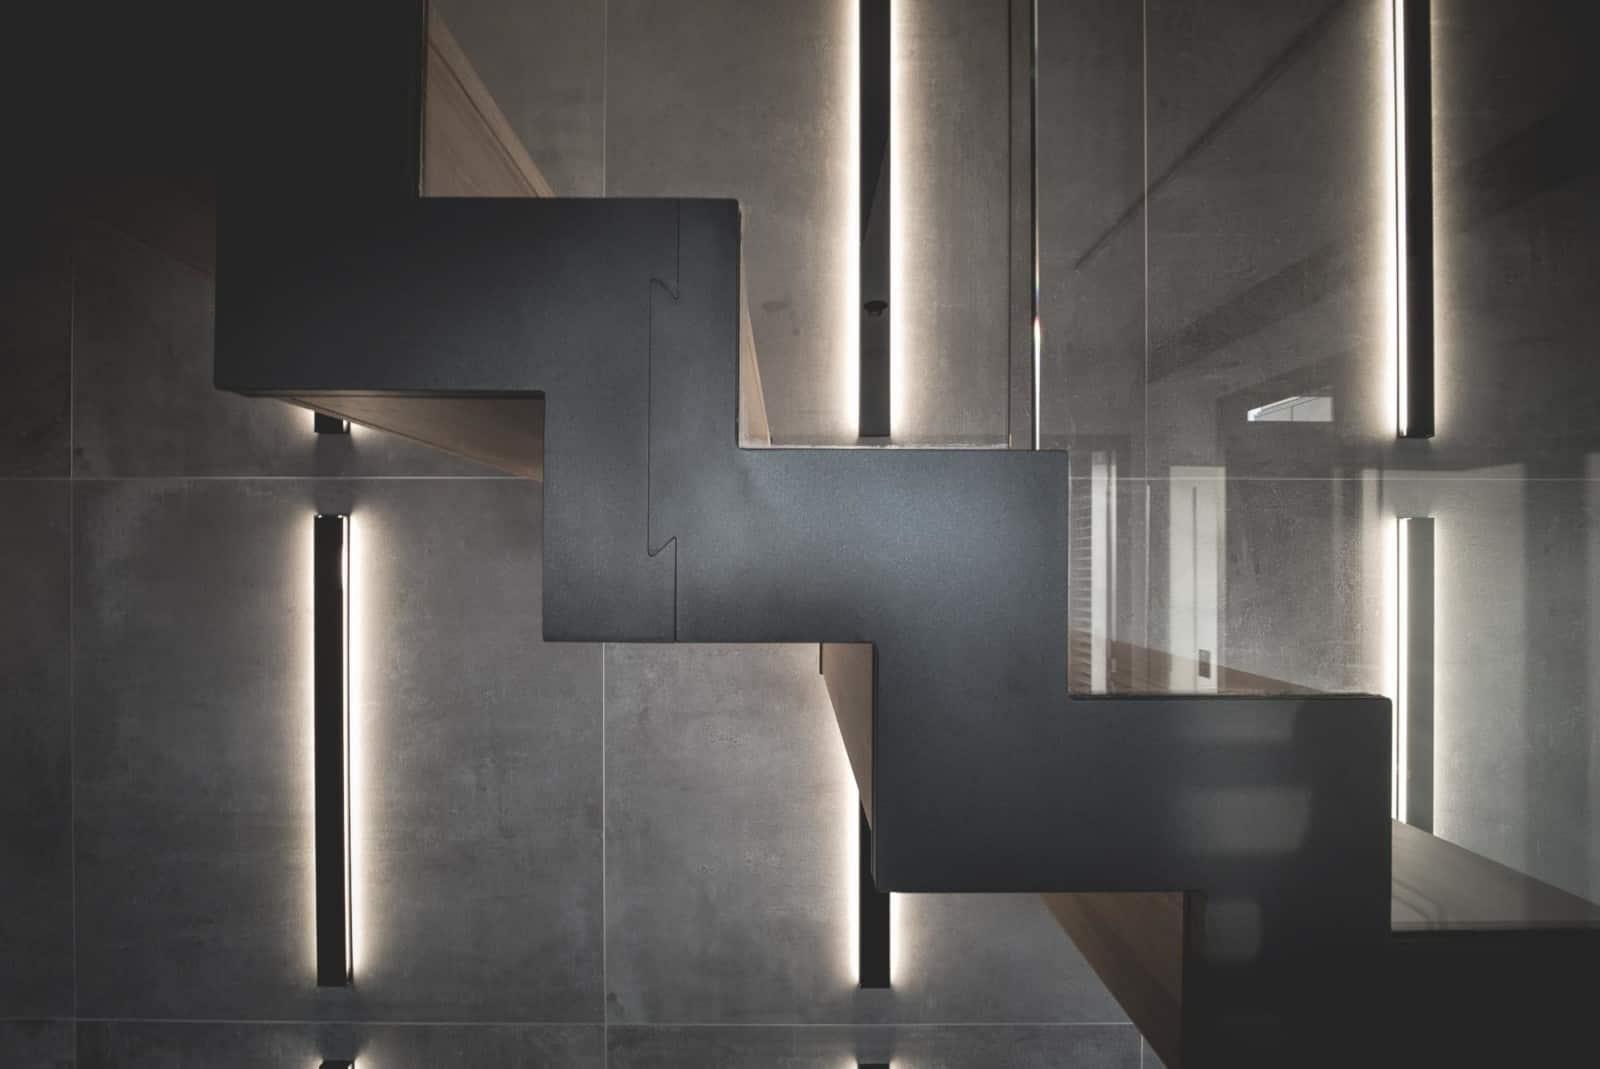 Escalier contemporain - Maison d'architecte, villa contemporaine - Archidomo - architecture Annecy Lyon Paris